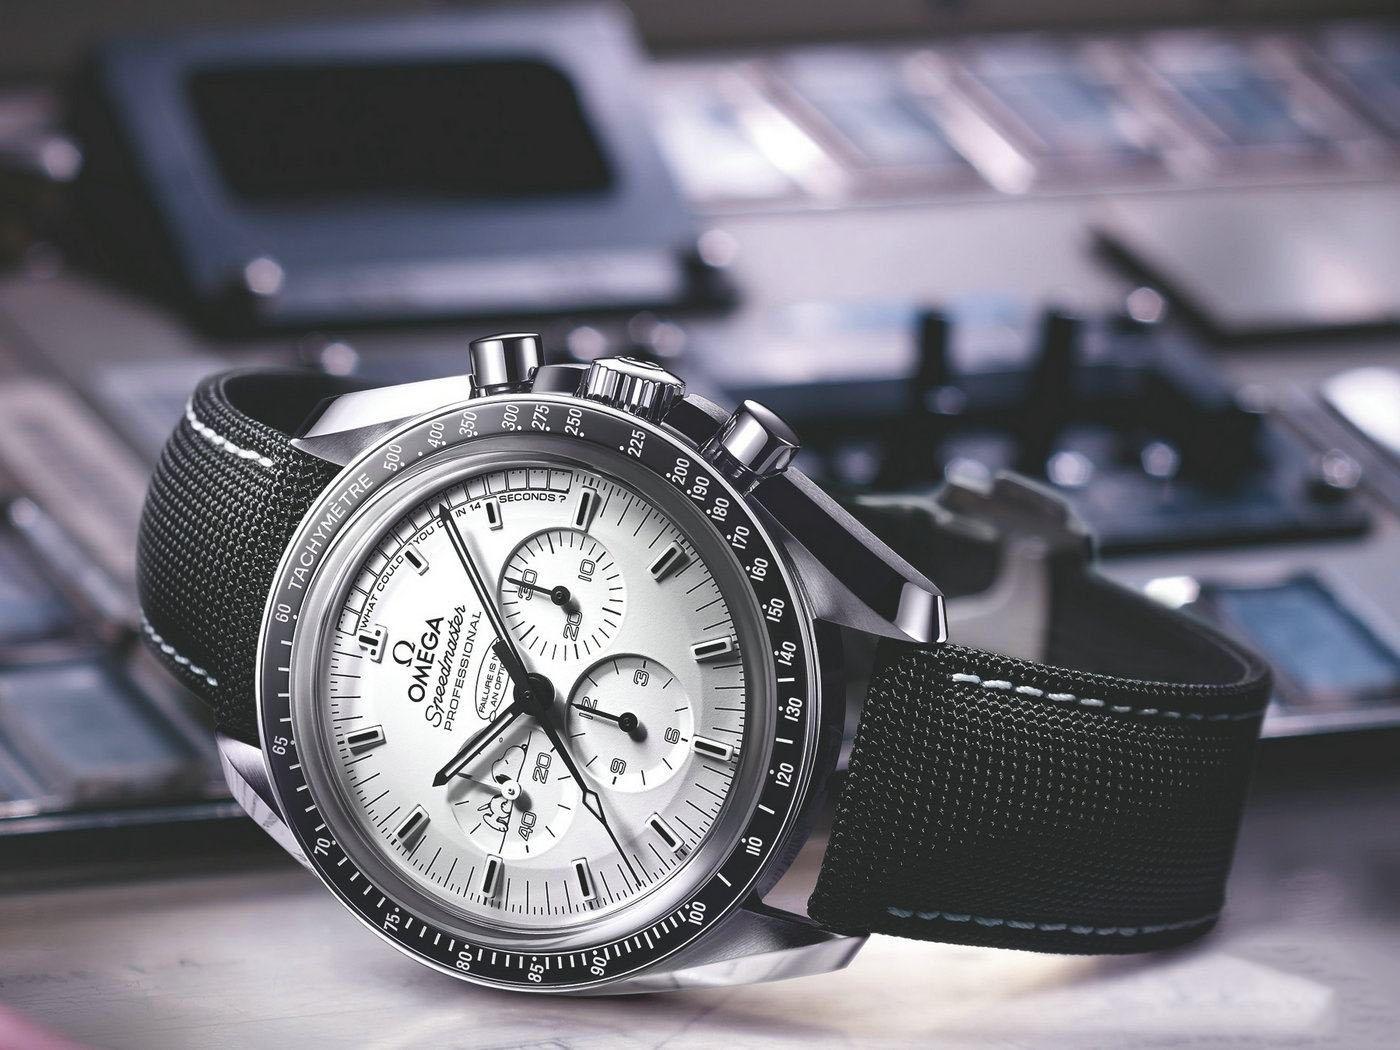 旧的欧米茄(OMEGA)超霸手表回收多少钱?一般几折